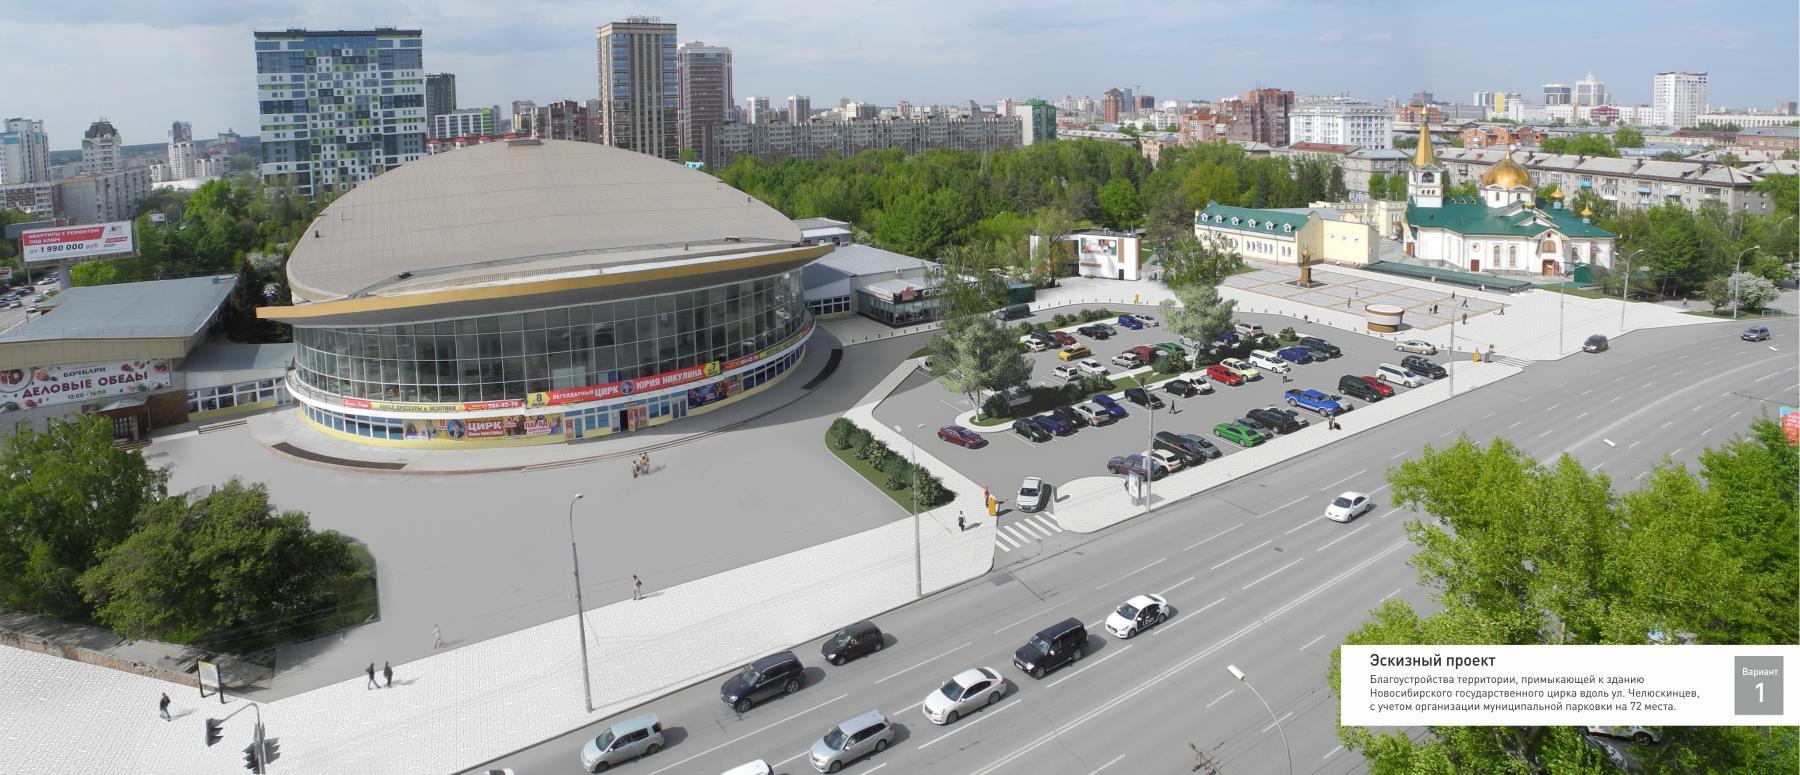 Фото Мэрия Новосибирска предлагает выбрать между сквером и платной парковкой возле цирка 2